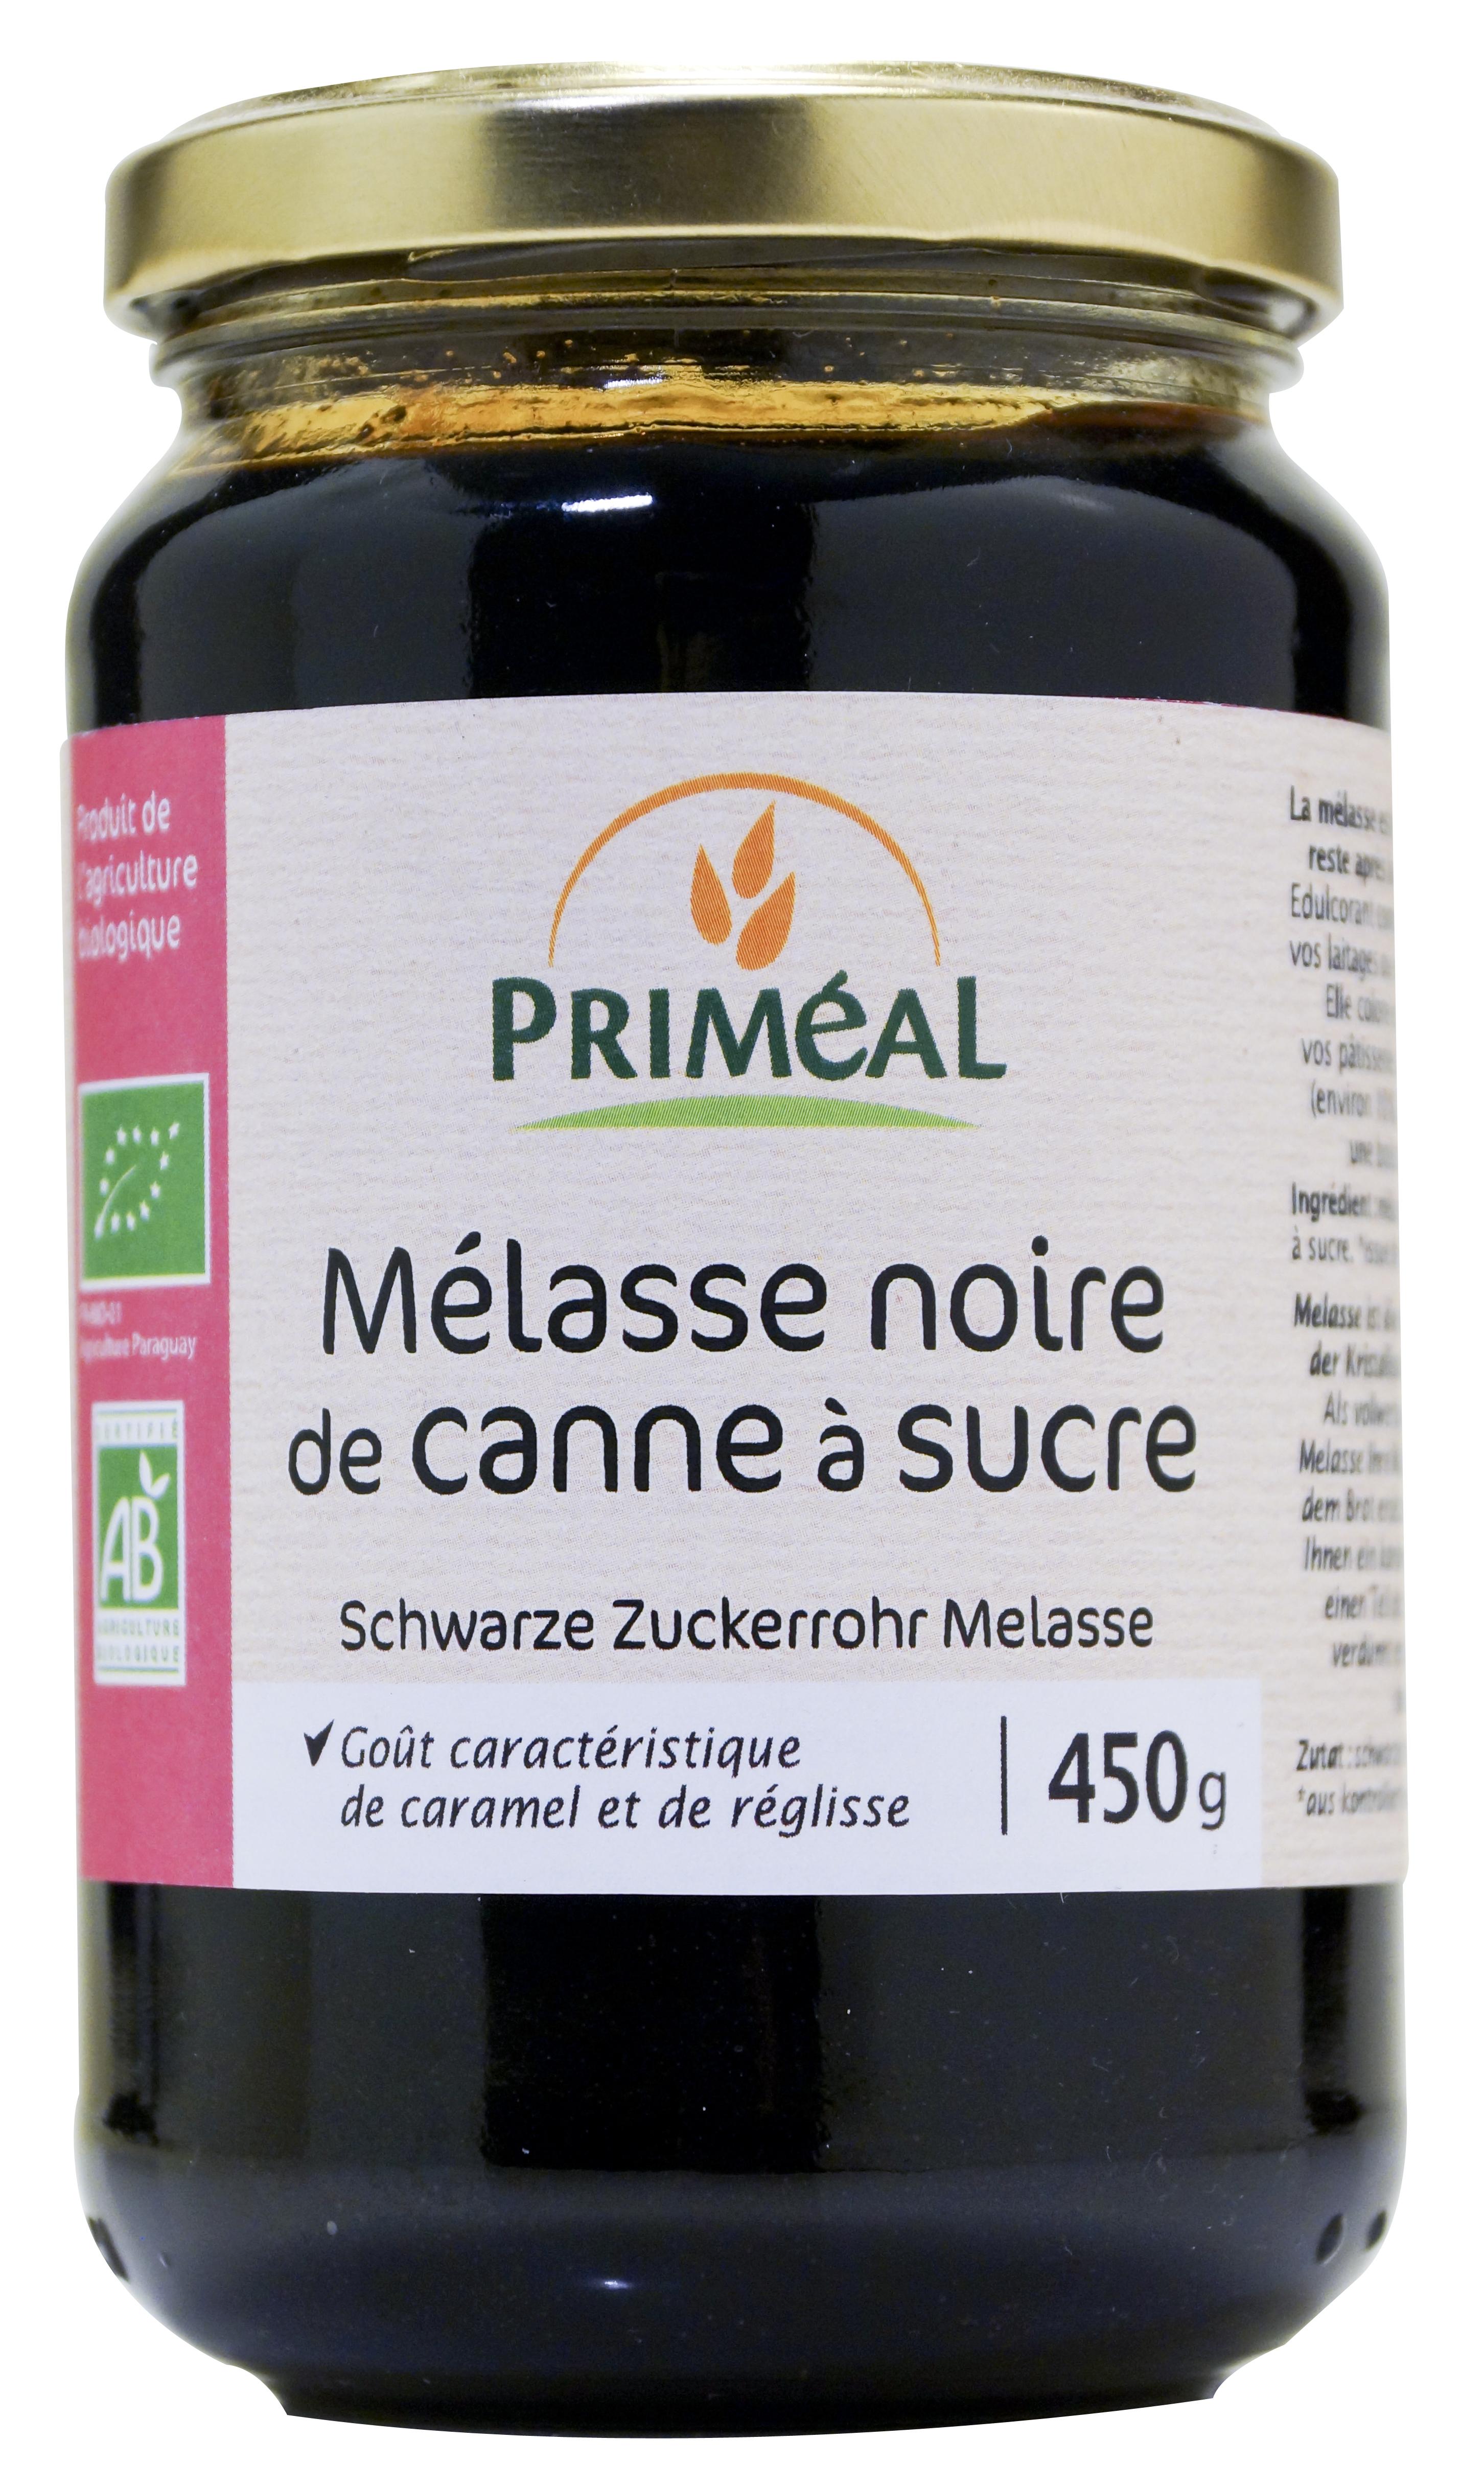 Mélasse noire de canne à sucre BIO, Priméal (450 g)